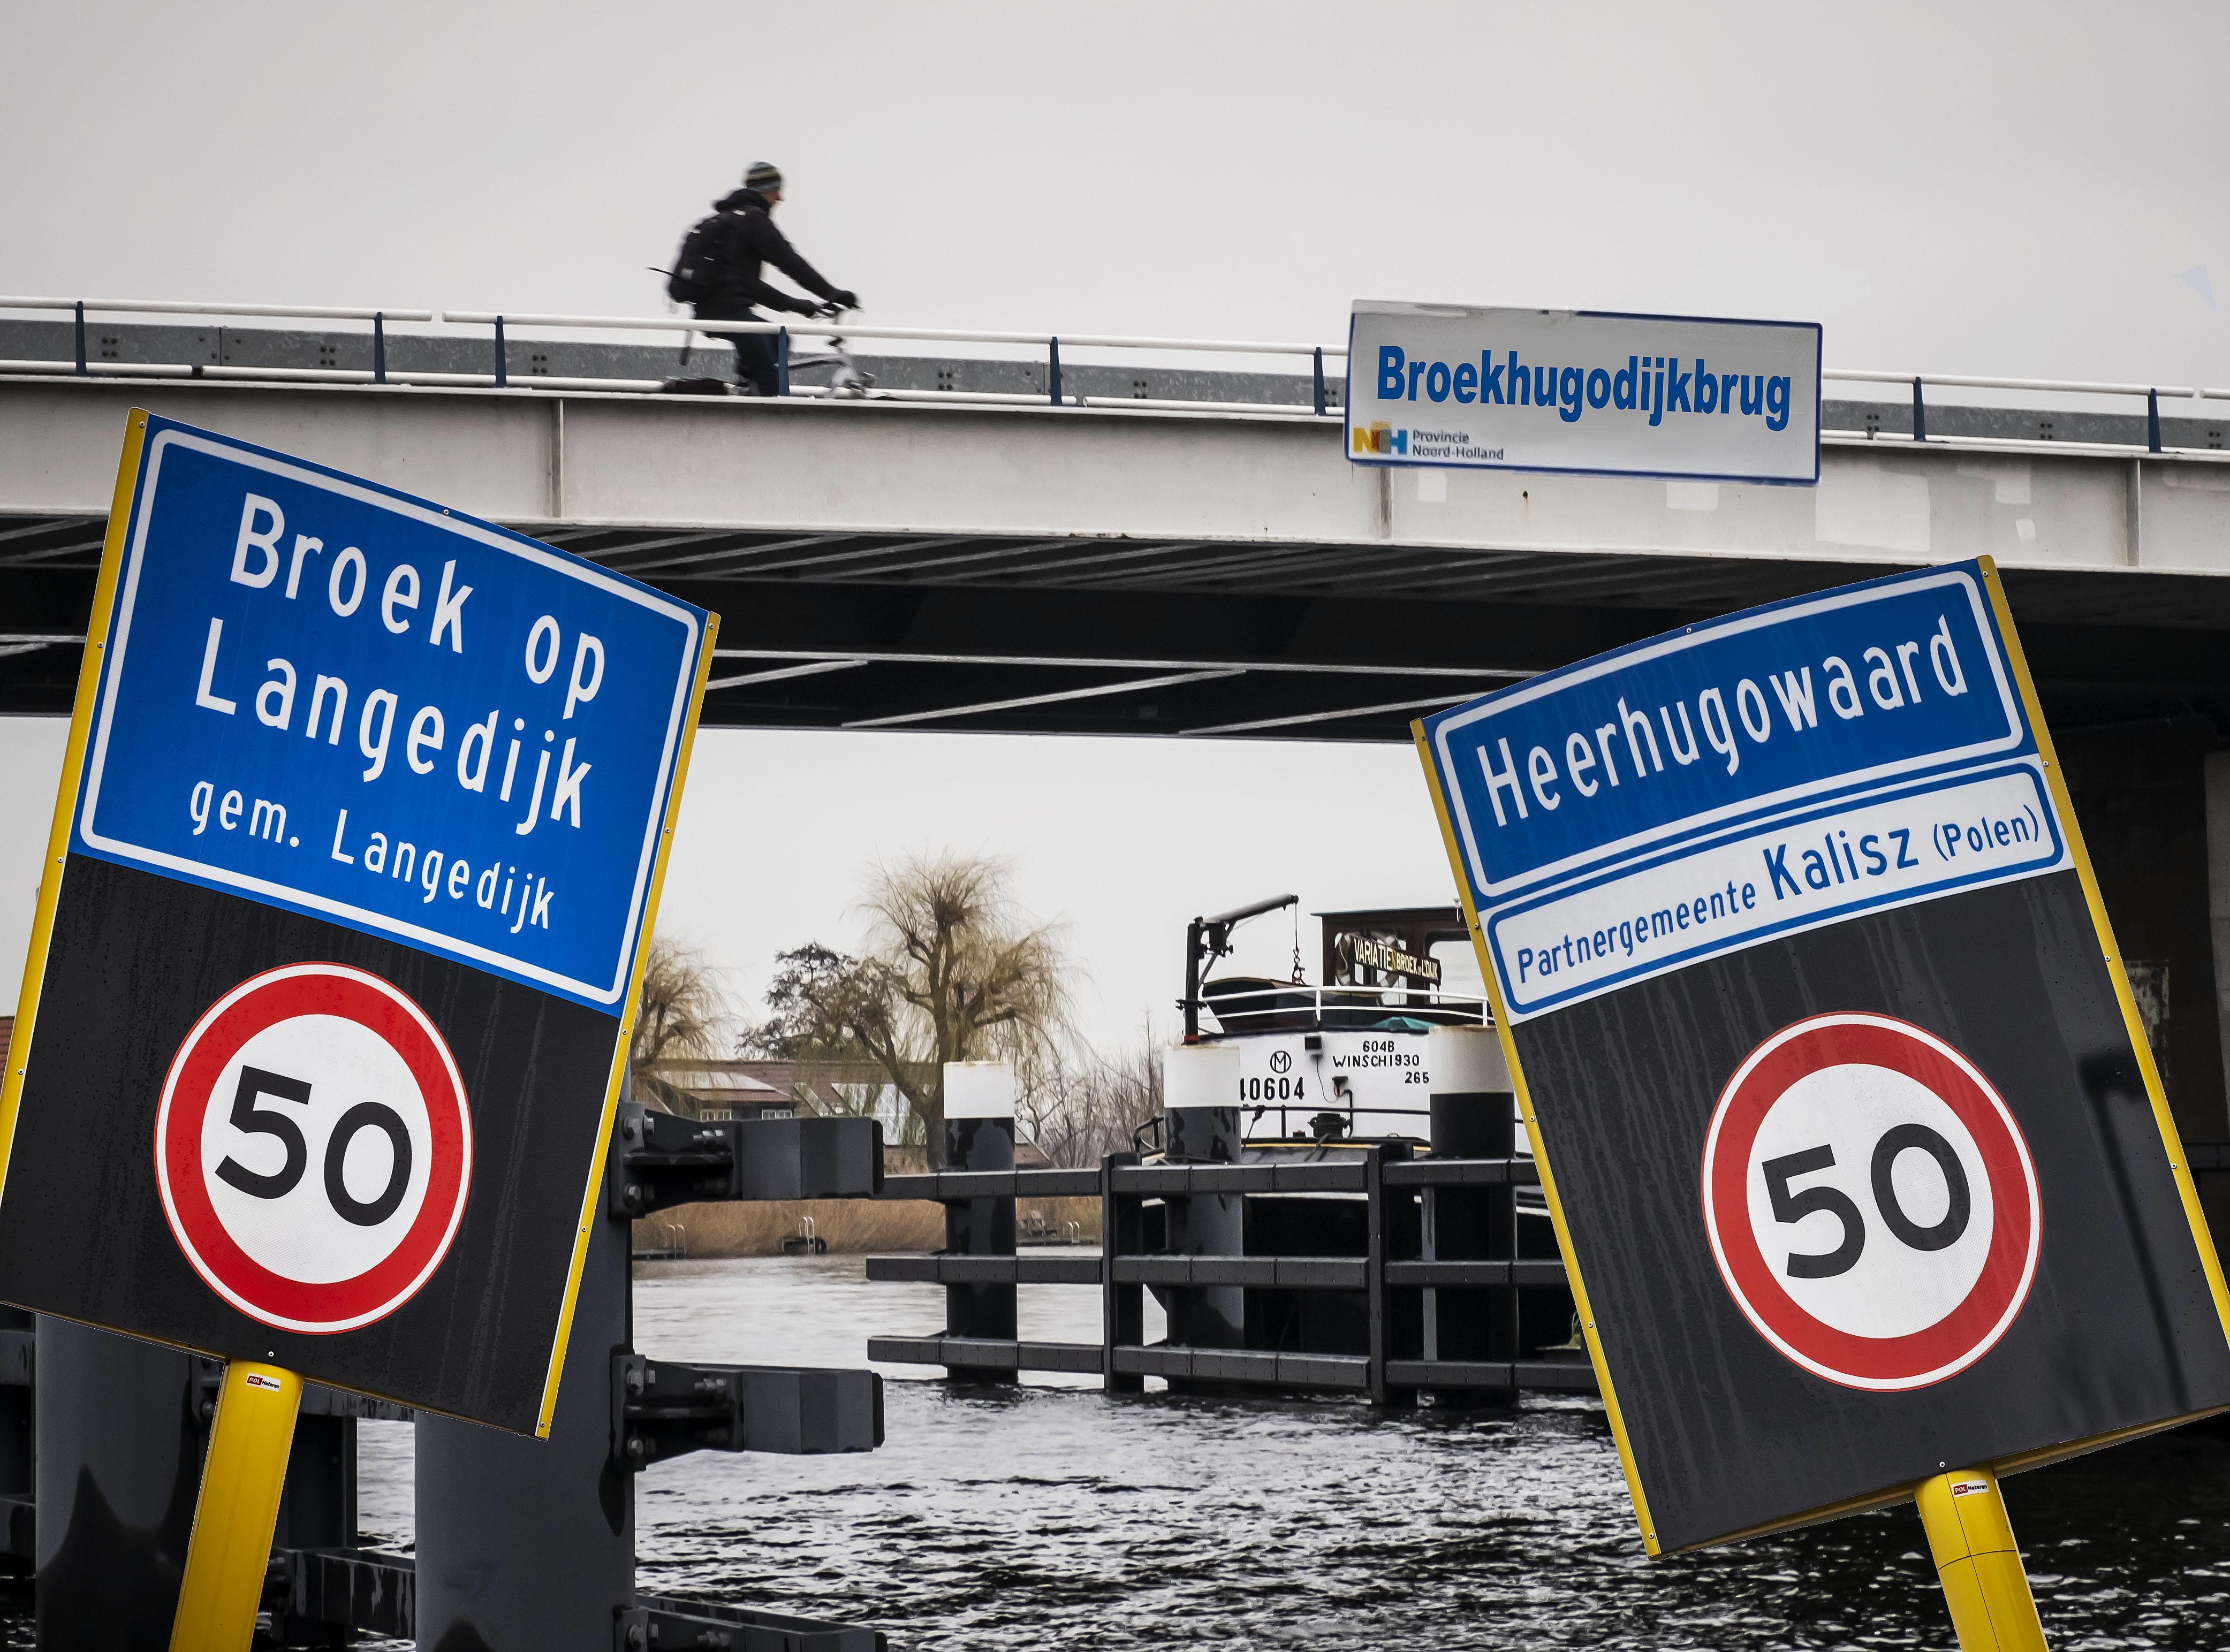 Denken over nieuwe naam fusiegemeente Heerhugowaard-Langedijk kan beginnen